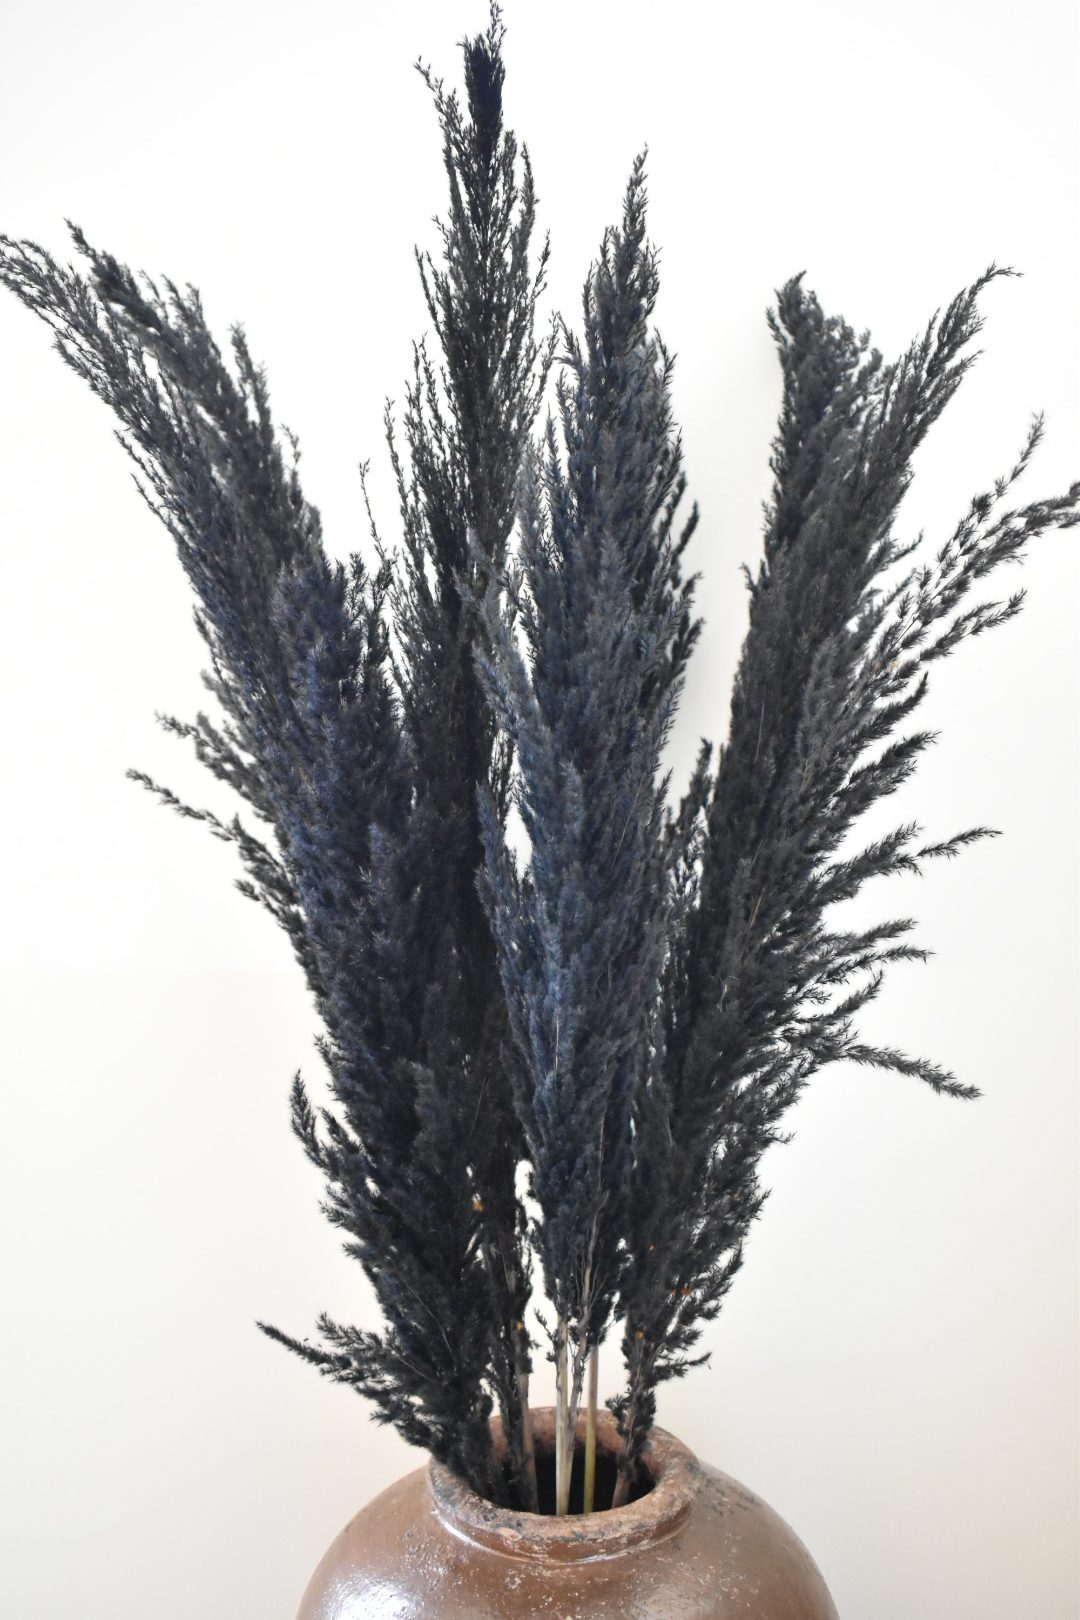 Zwarte pampas pluimen bestellen online